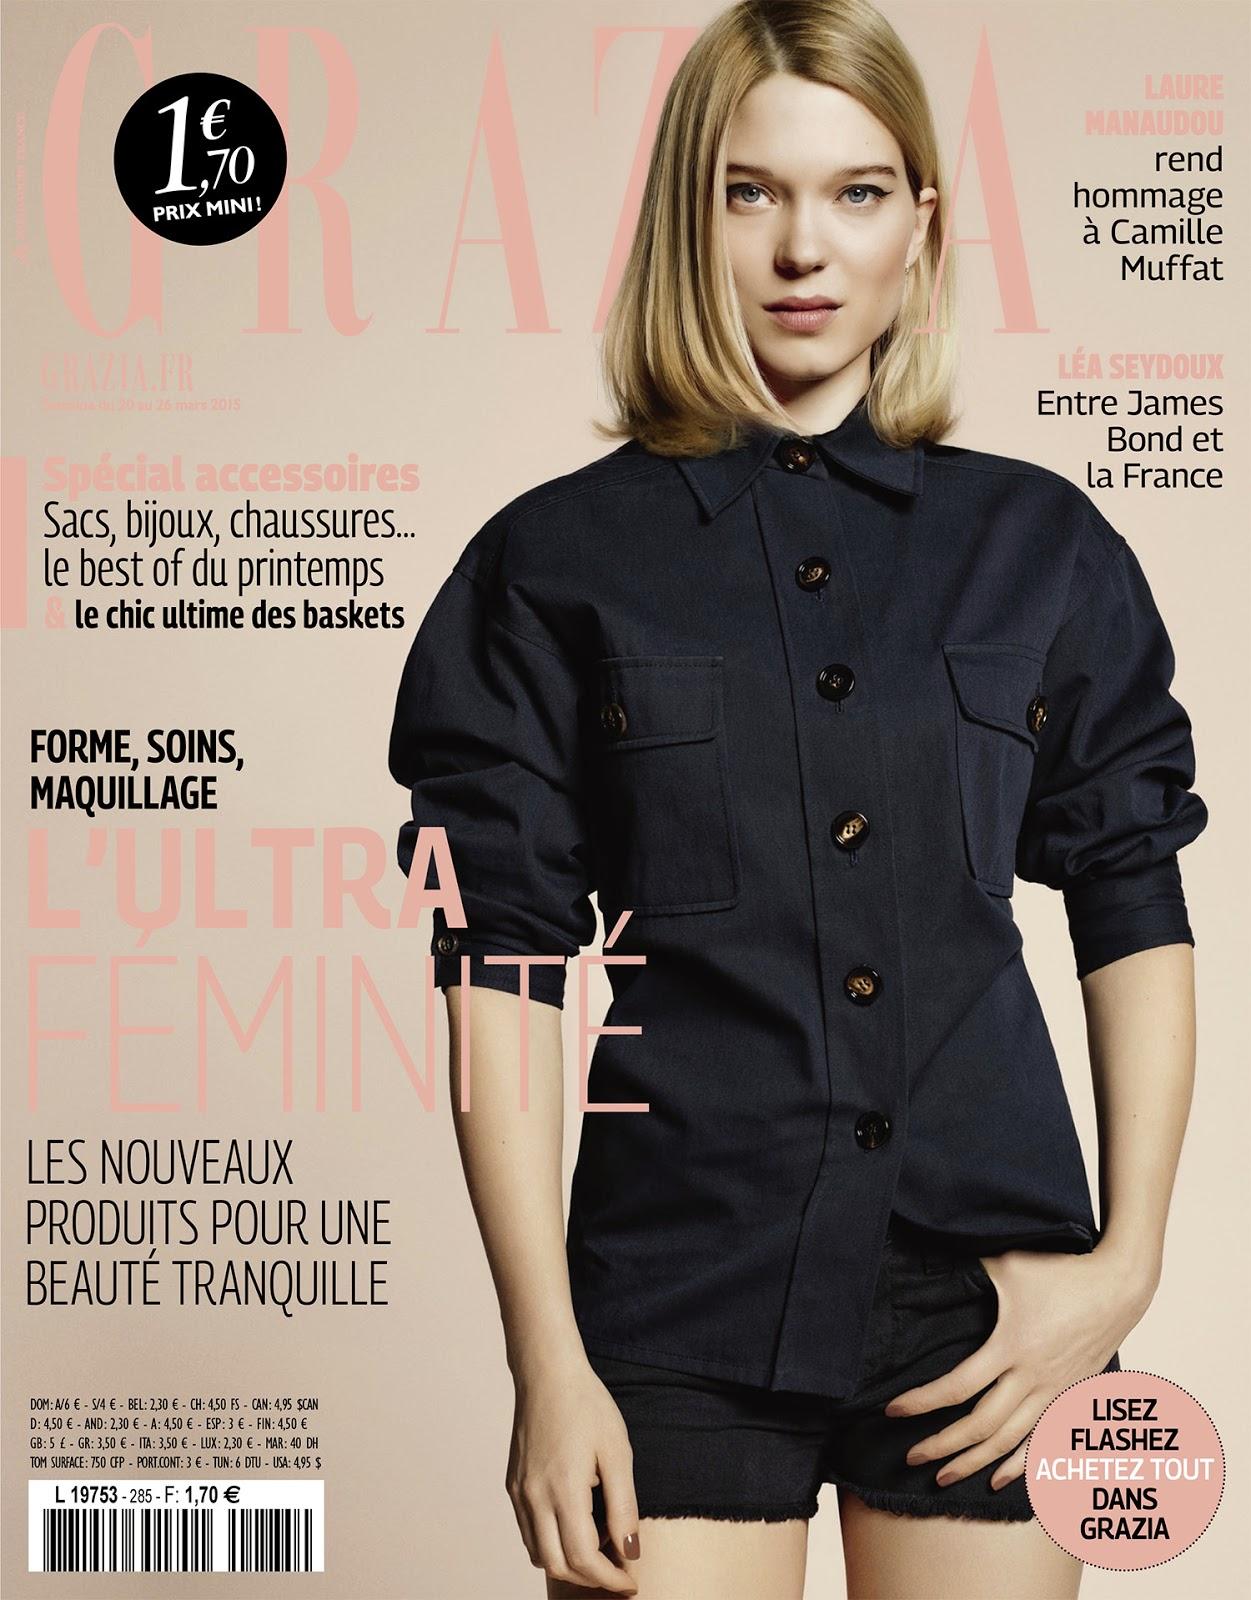 Actress @ Léa Seydoux by Lauren Humbert for Grazia France, March 2015